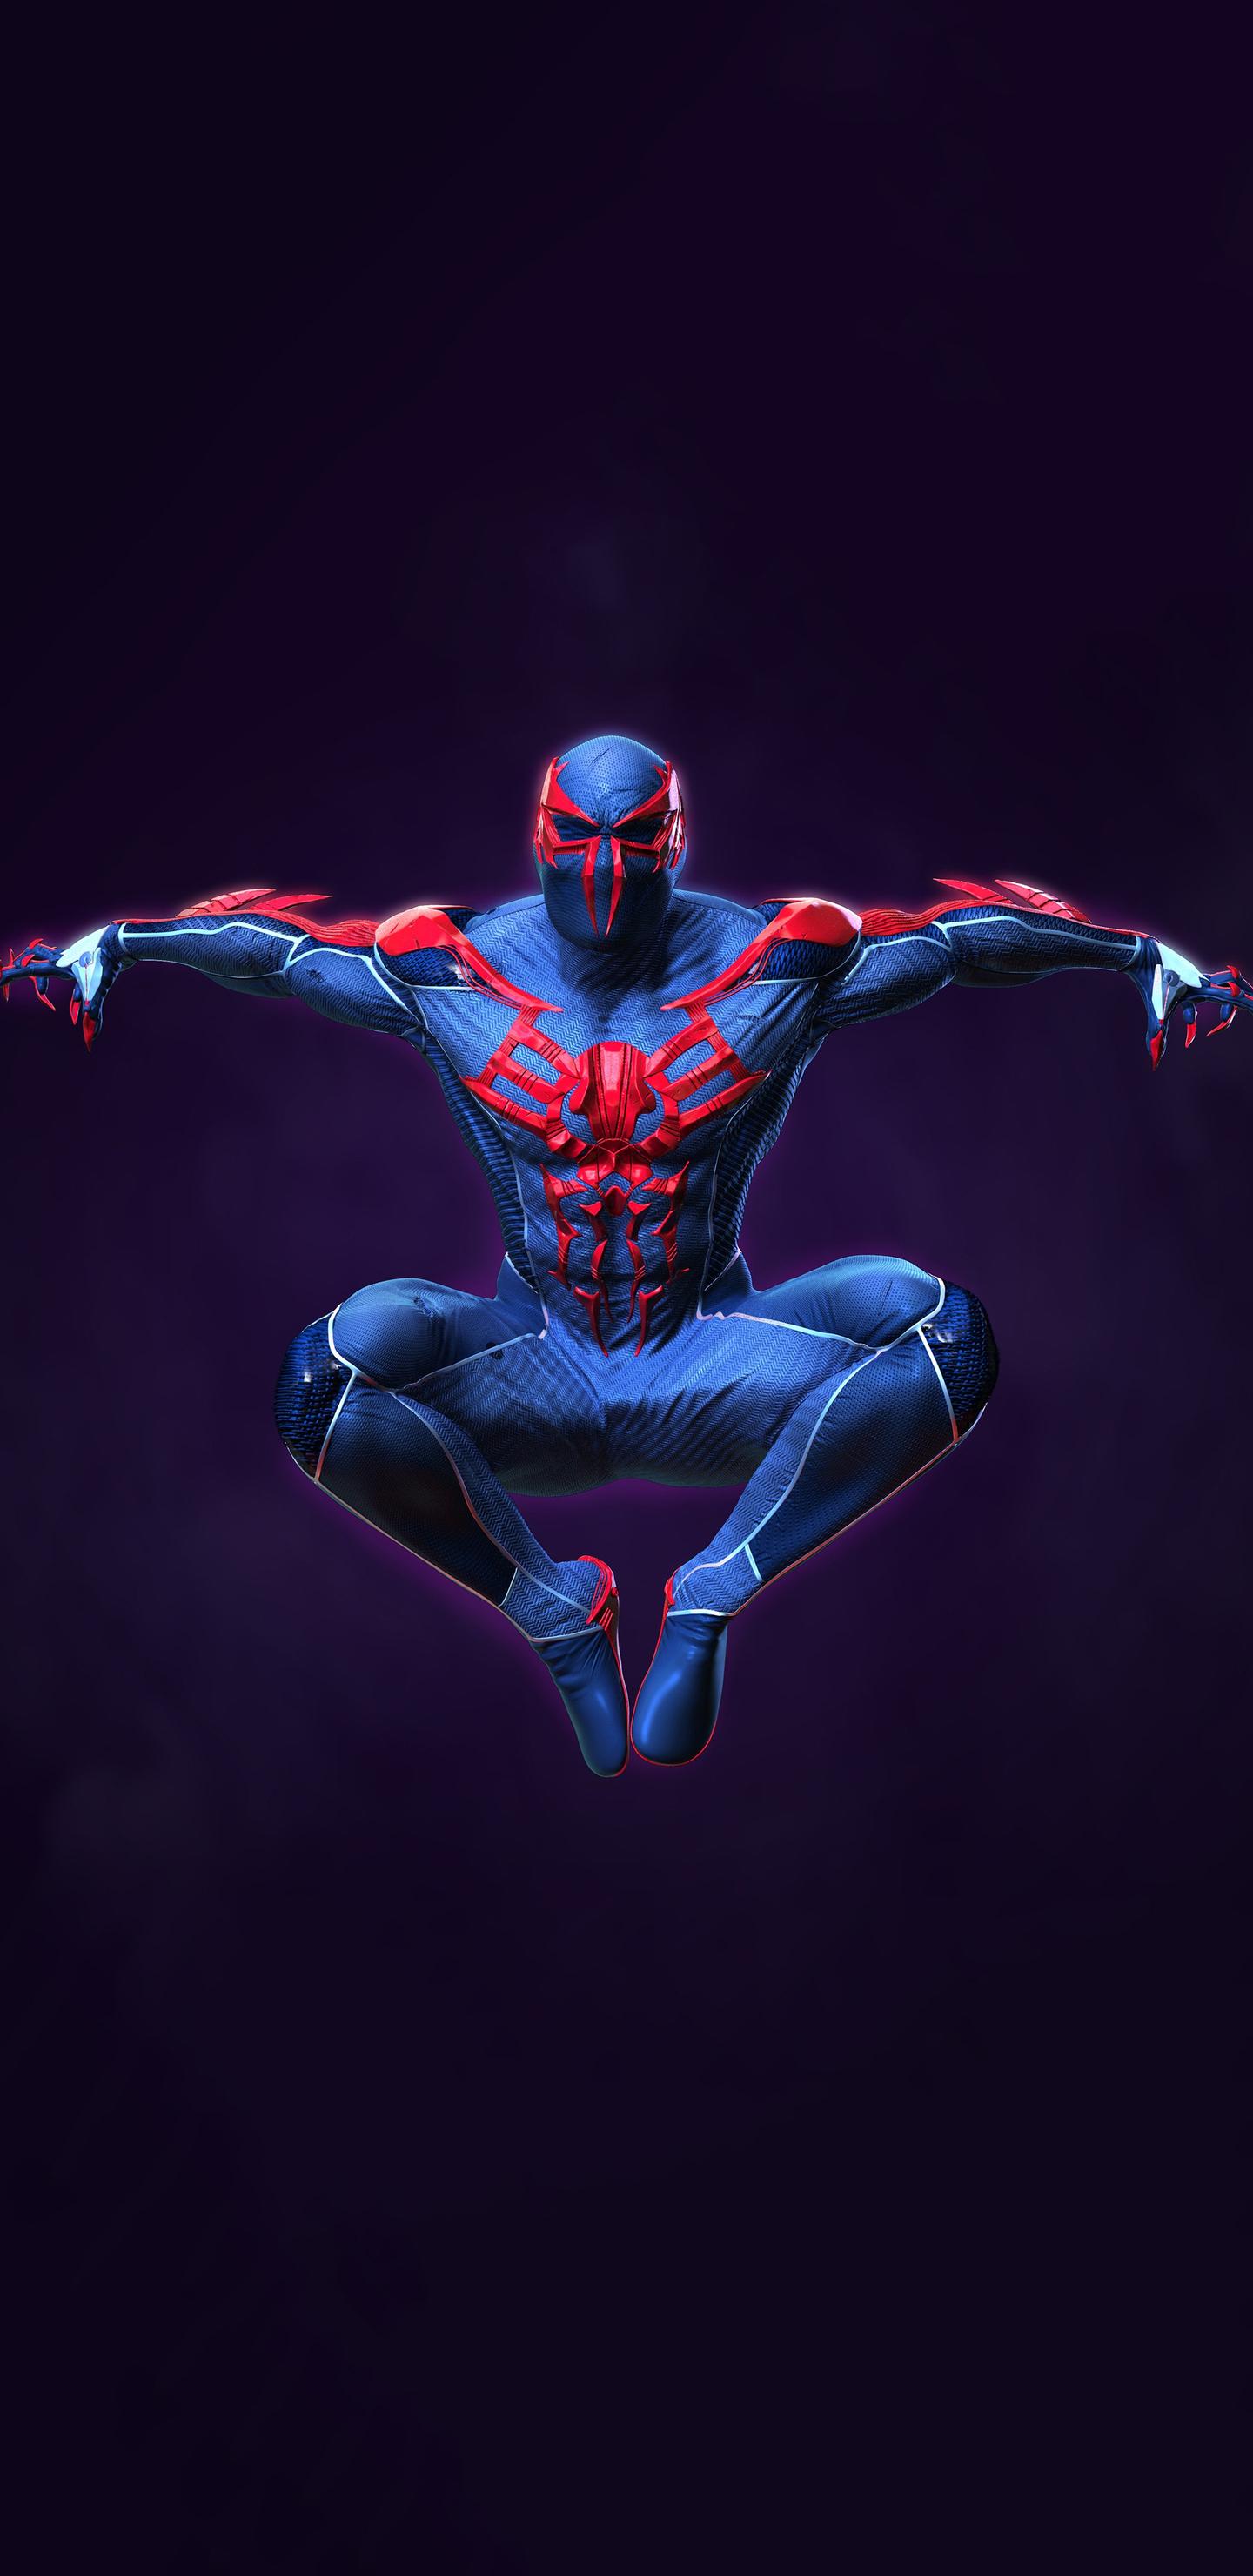 1440x2960 4k Spider Man 2099 Samsung Galaxy Note 9,8, S9 ...